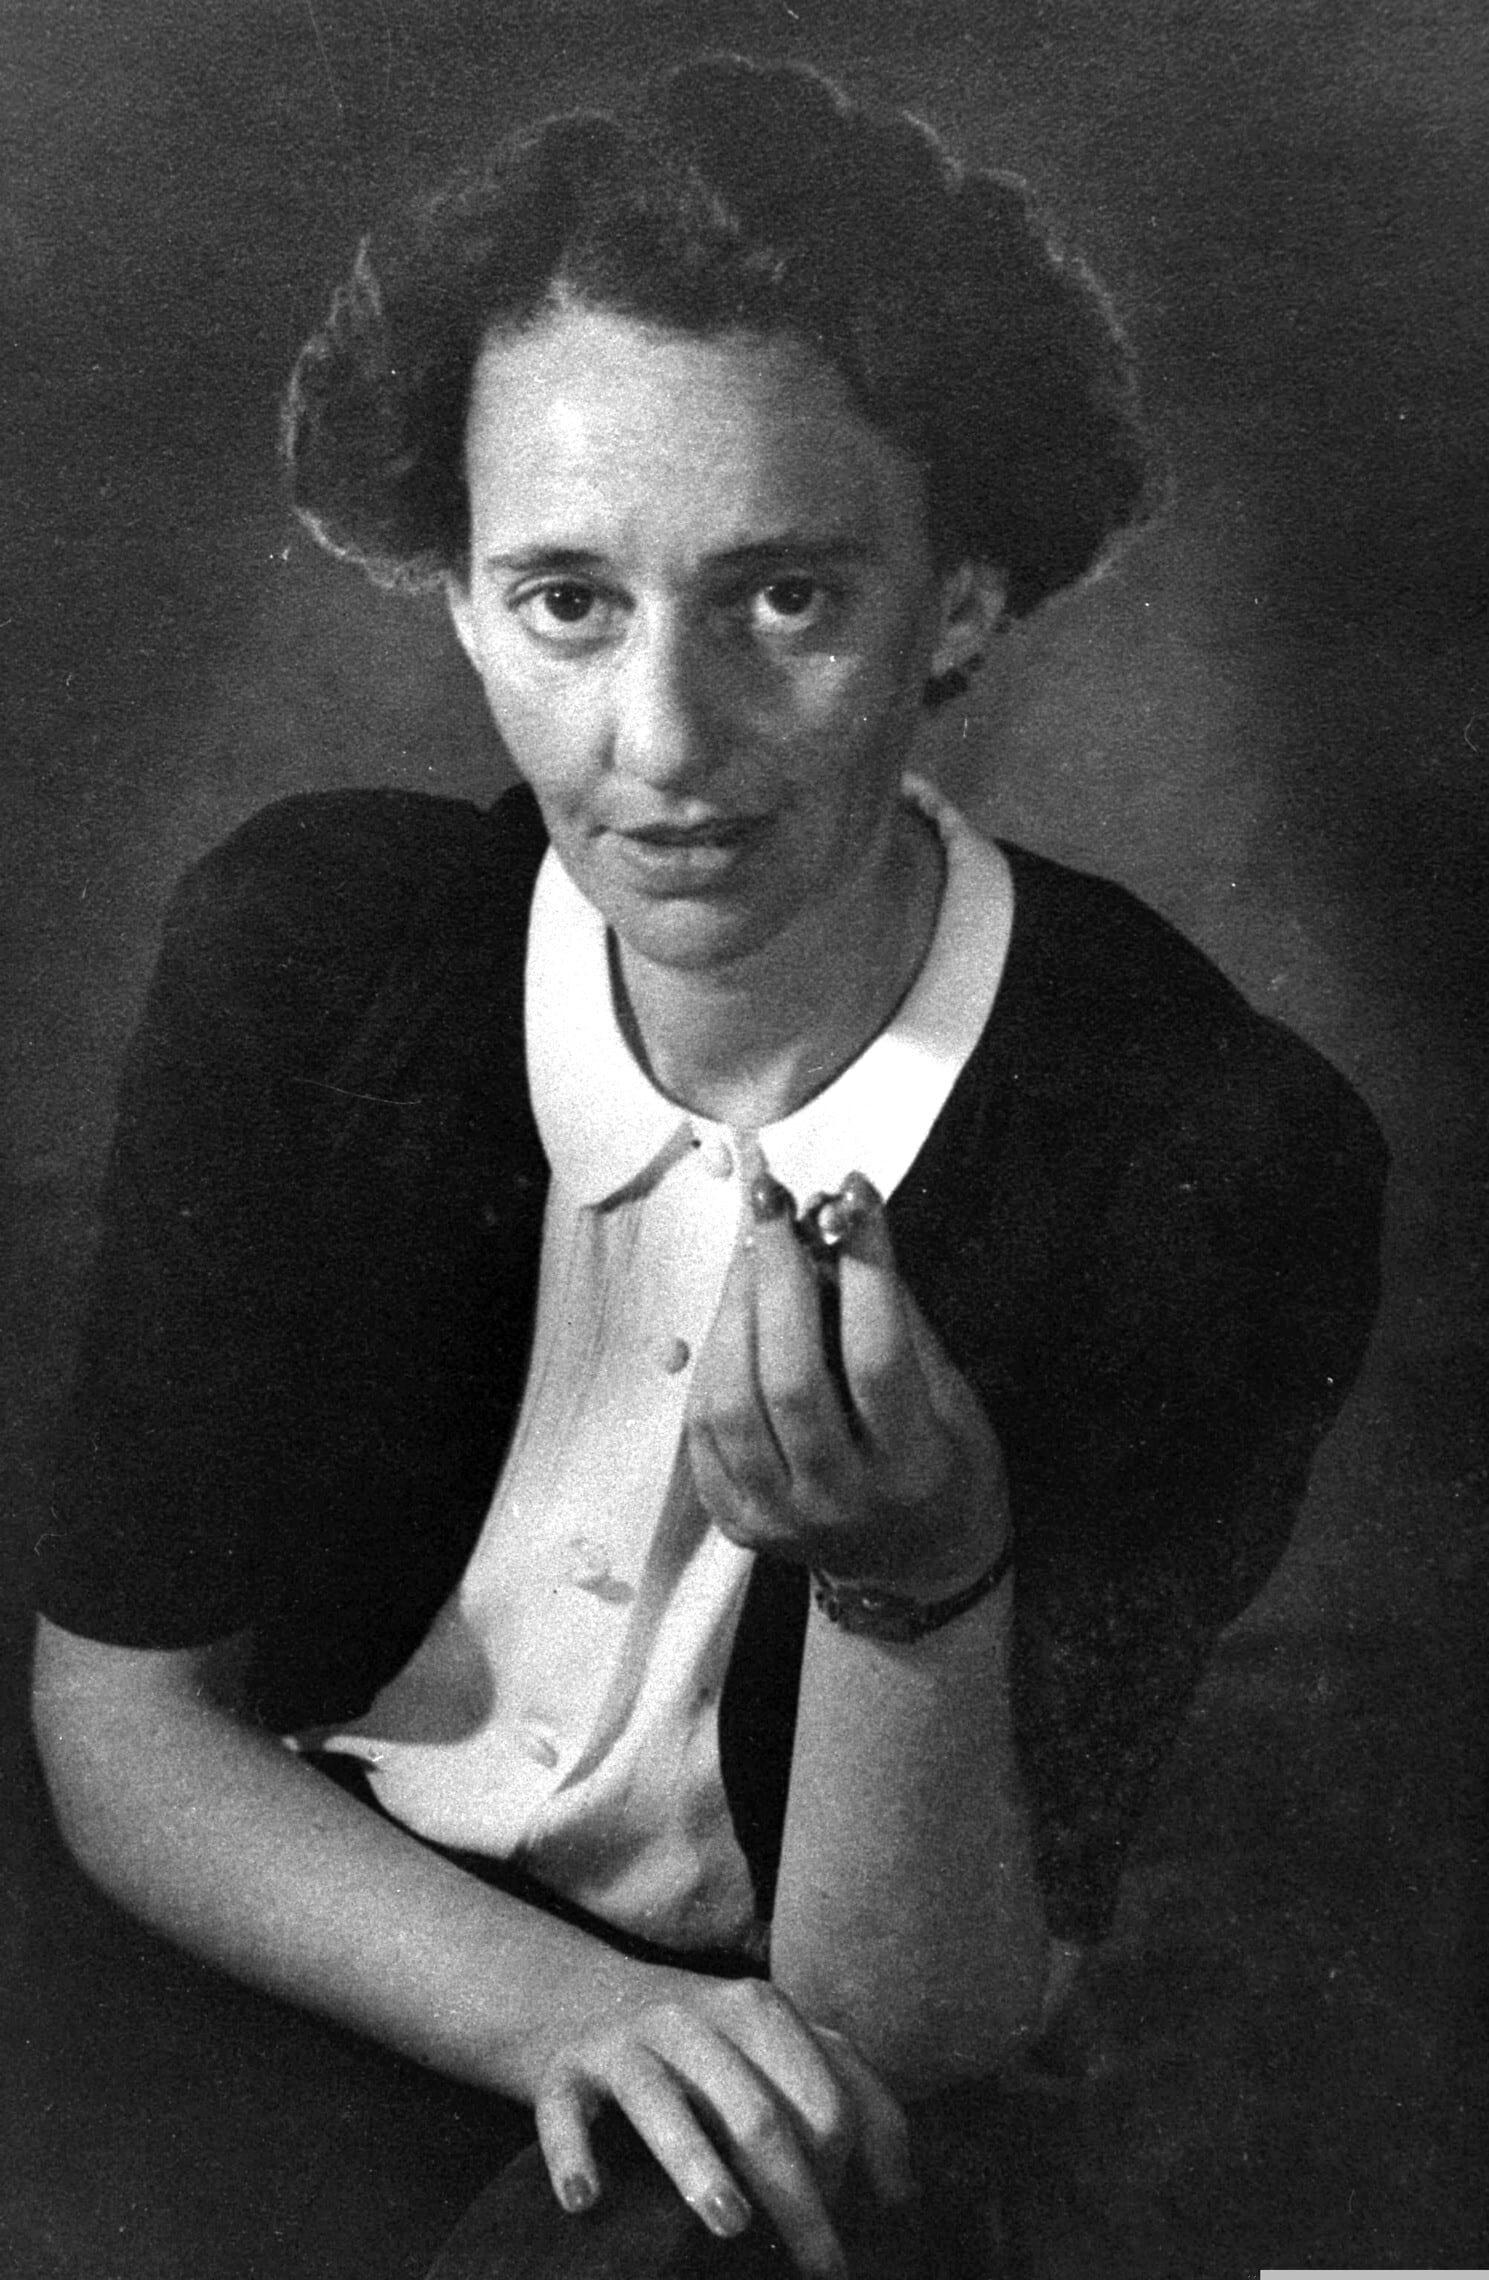 """לאה גולדברג ב-1946 (צילום: דוד אלדן/לע""""מ)"""